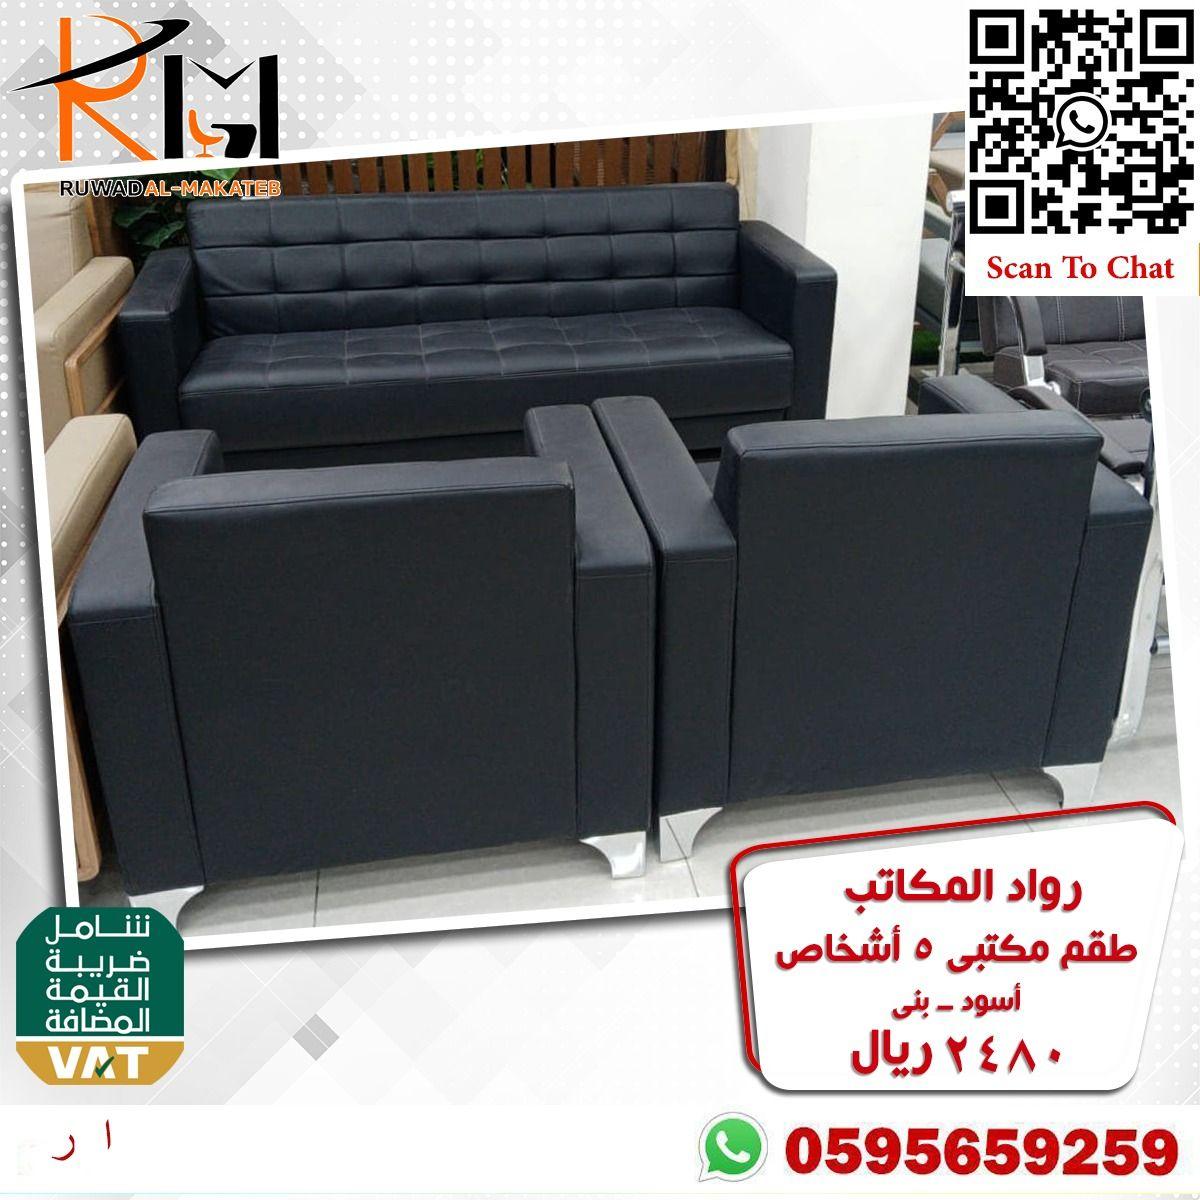 طقم مكتبي ٥ اشخاص In 2021 Sectional Couch Couch Home Decor